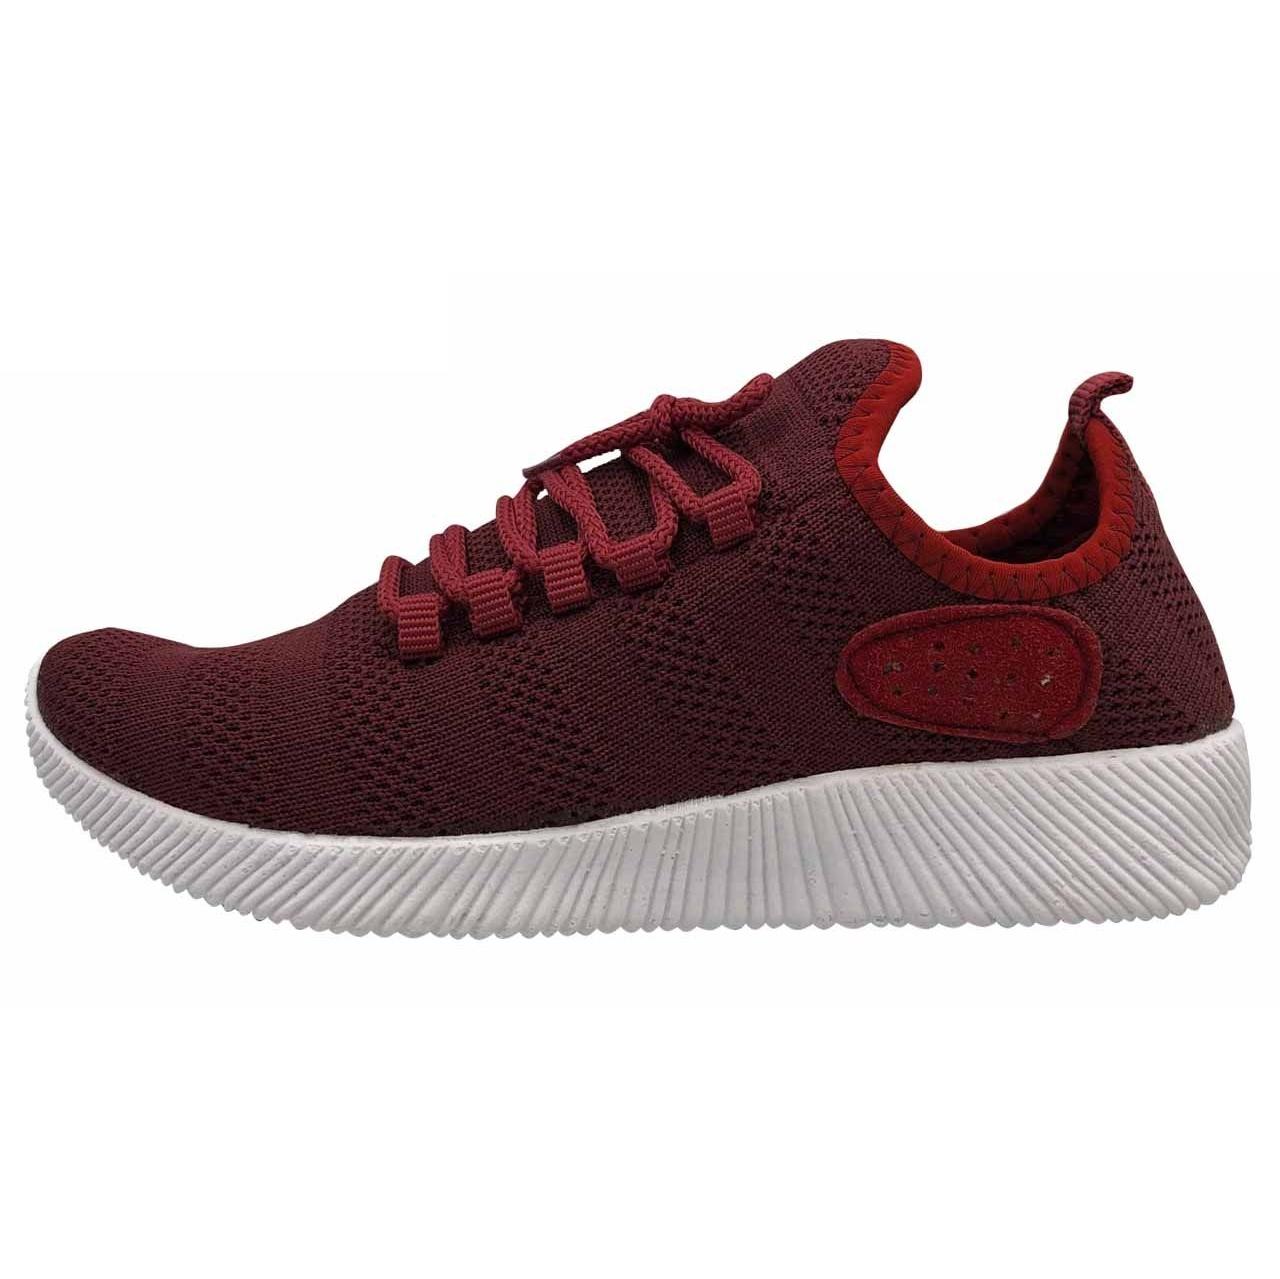 کفش مخصوص پیاده روی زنانه کد 9225 main 1 1